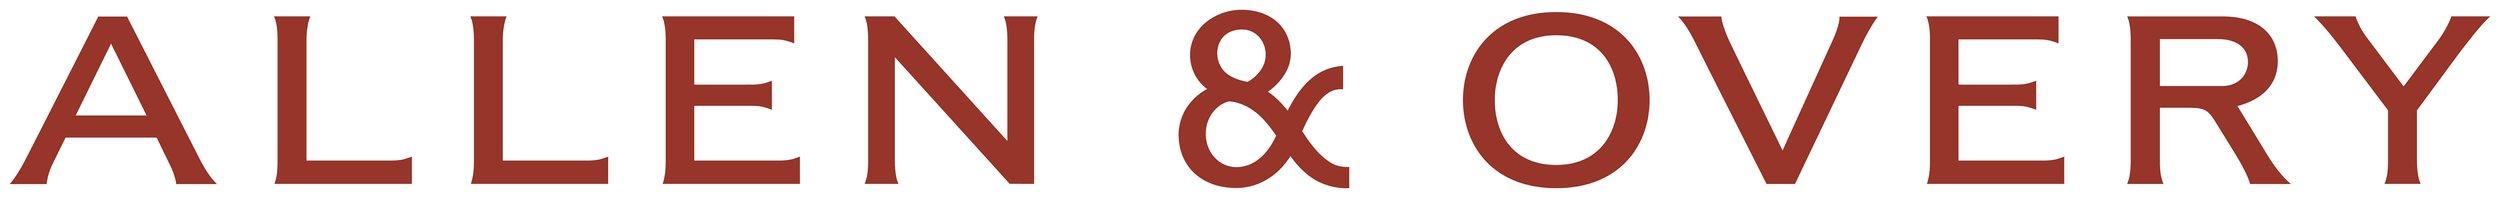 AO-logo (1).jpg